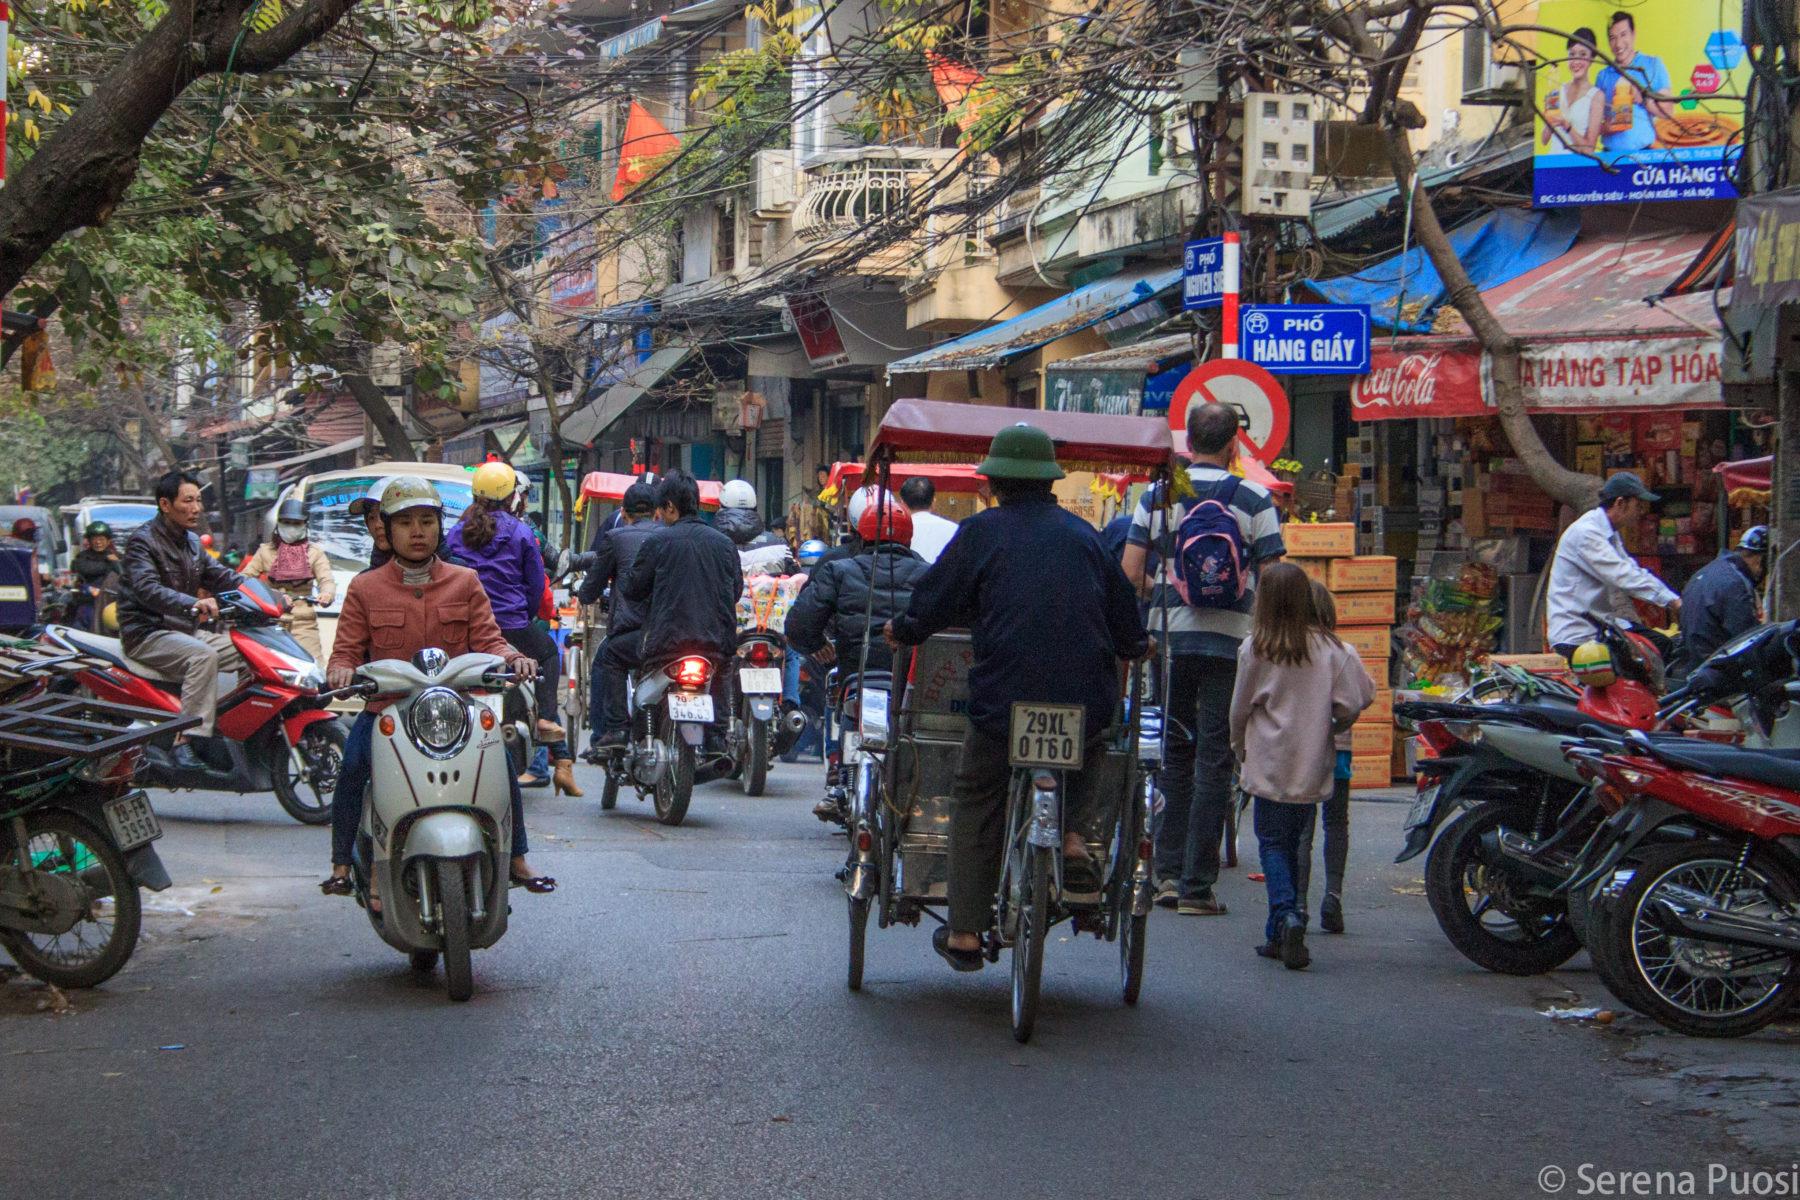 100% qualità vende migliore online Hanoi, la capitale del Vietnam | Mercoledì tutta la settimana